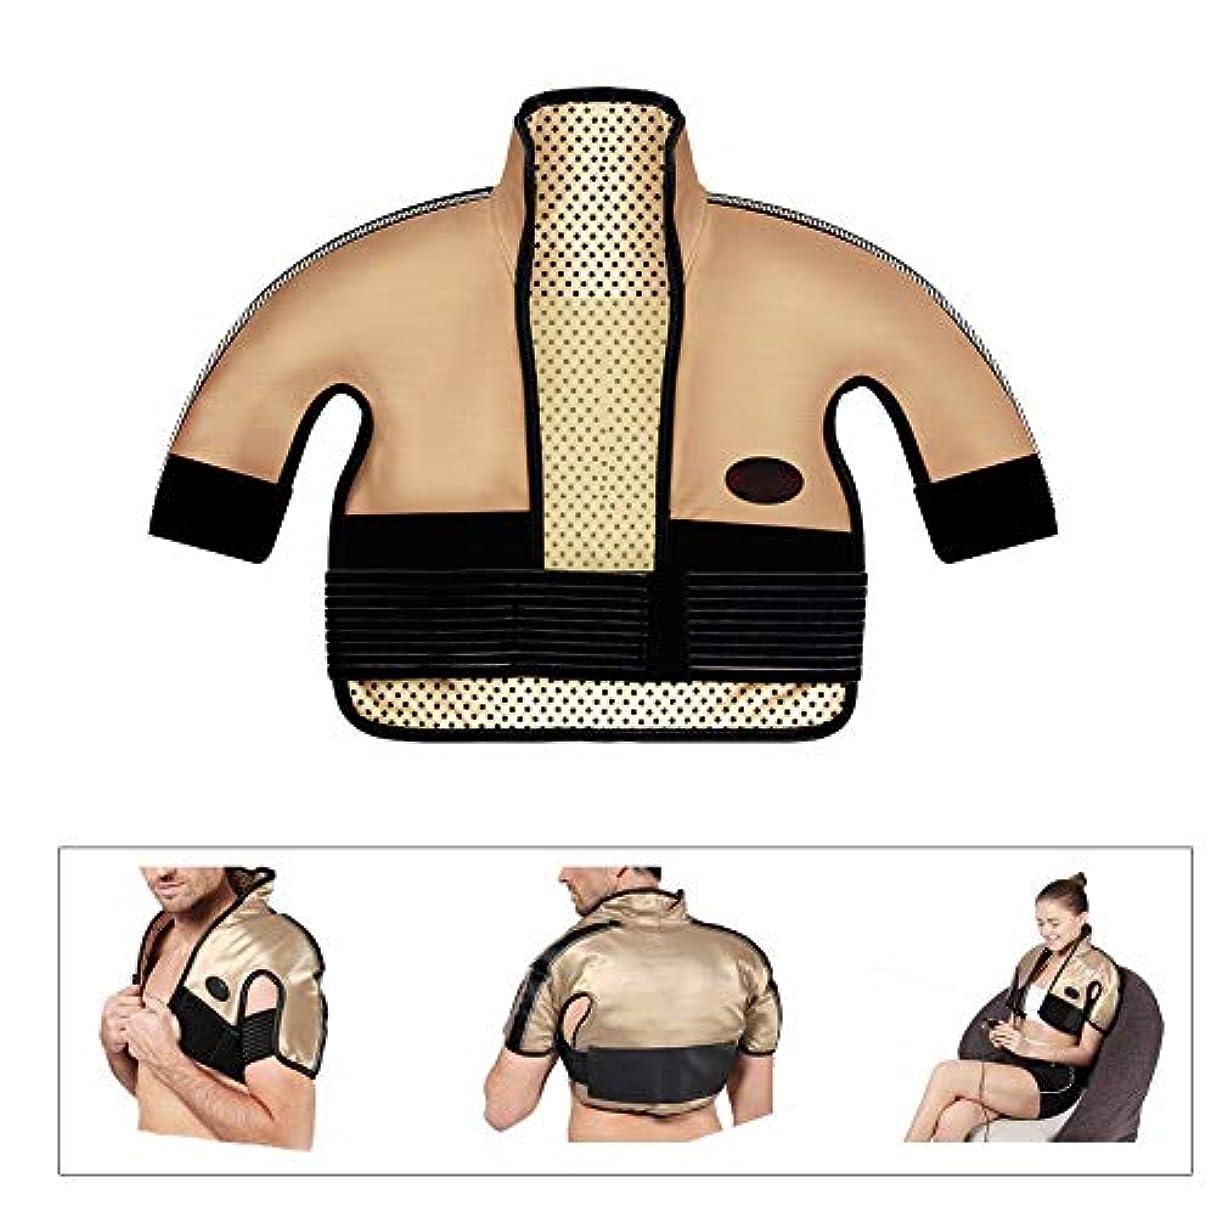 もちろんブランデー火炎肩と首の電気加熱パッド - 混練加熱、痛み緩和加熱パッドを叩く、医療用品マッサージベスト(肩幅用:40-65CM)